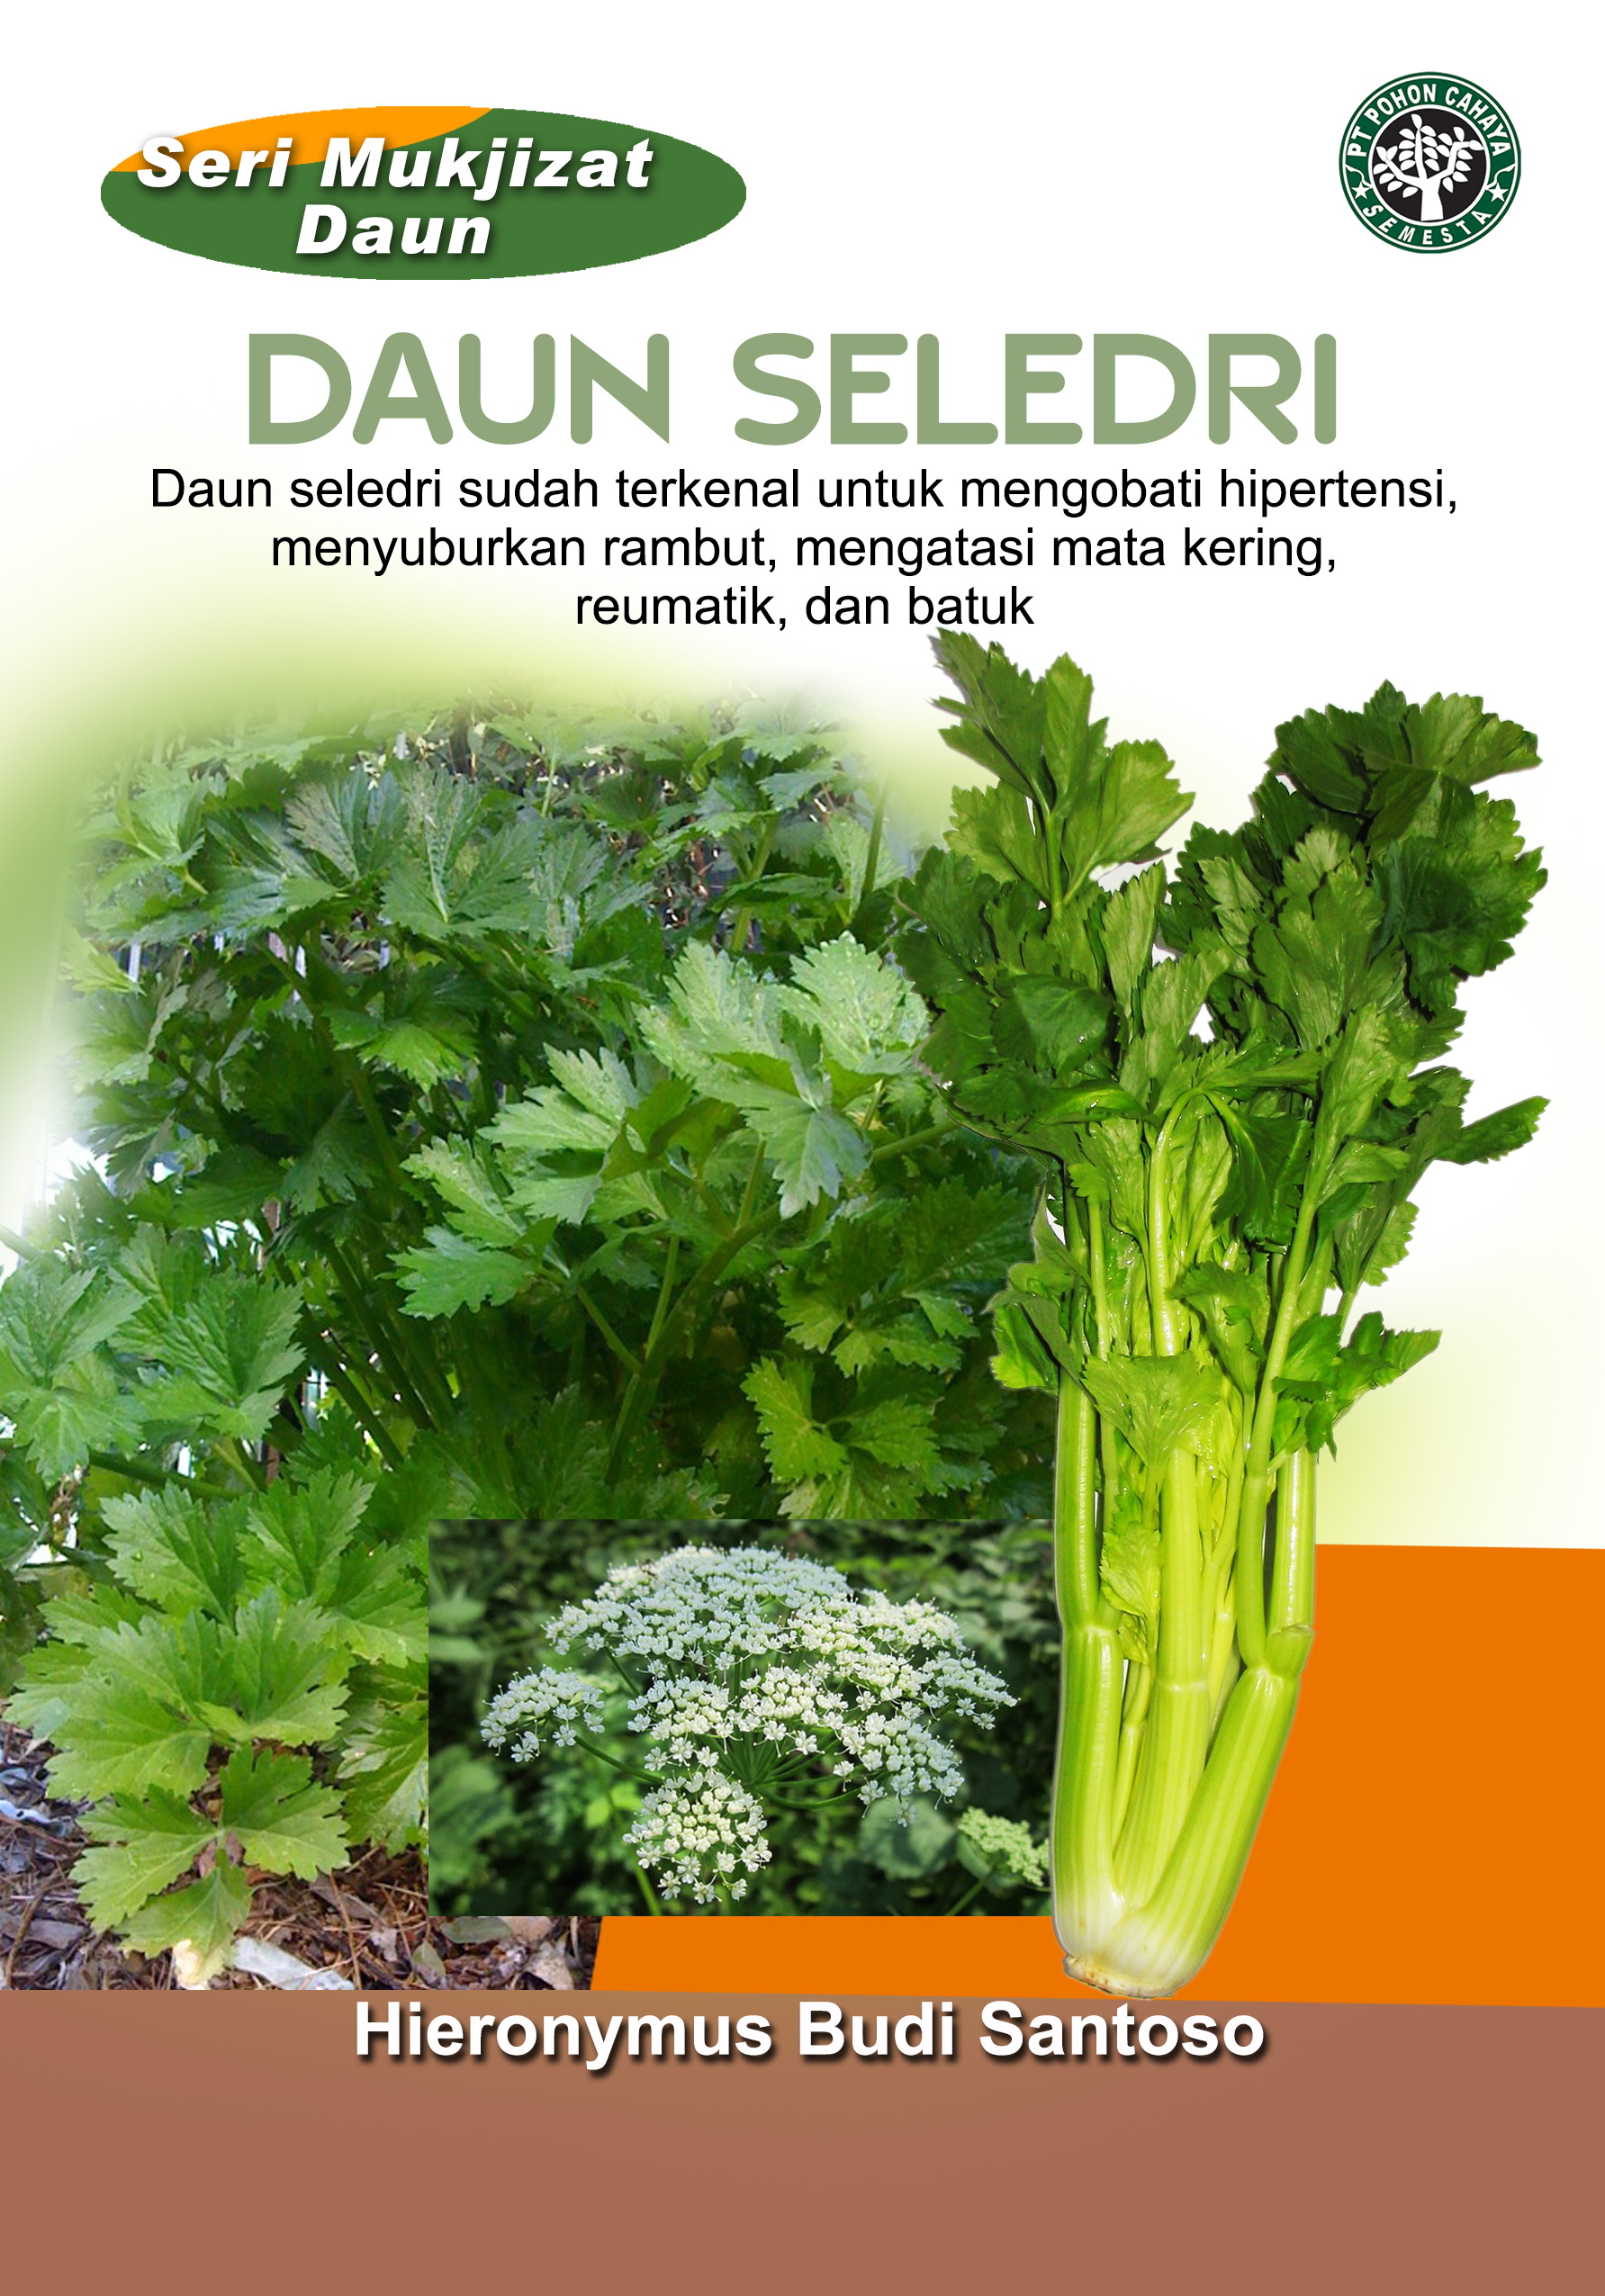 Daun seledri [sumber elektronis] : daun seledri sudah terkenal untuk mengobati hipertensi, menyuburkan rambut, mengatasi mata kering, reumatik, dan batuk